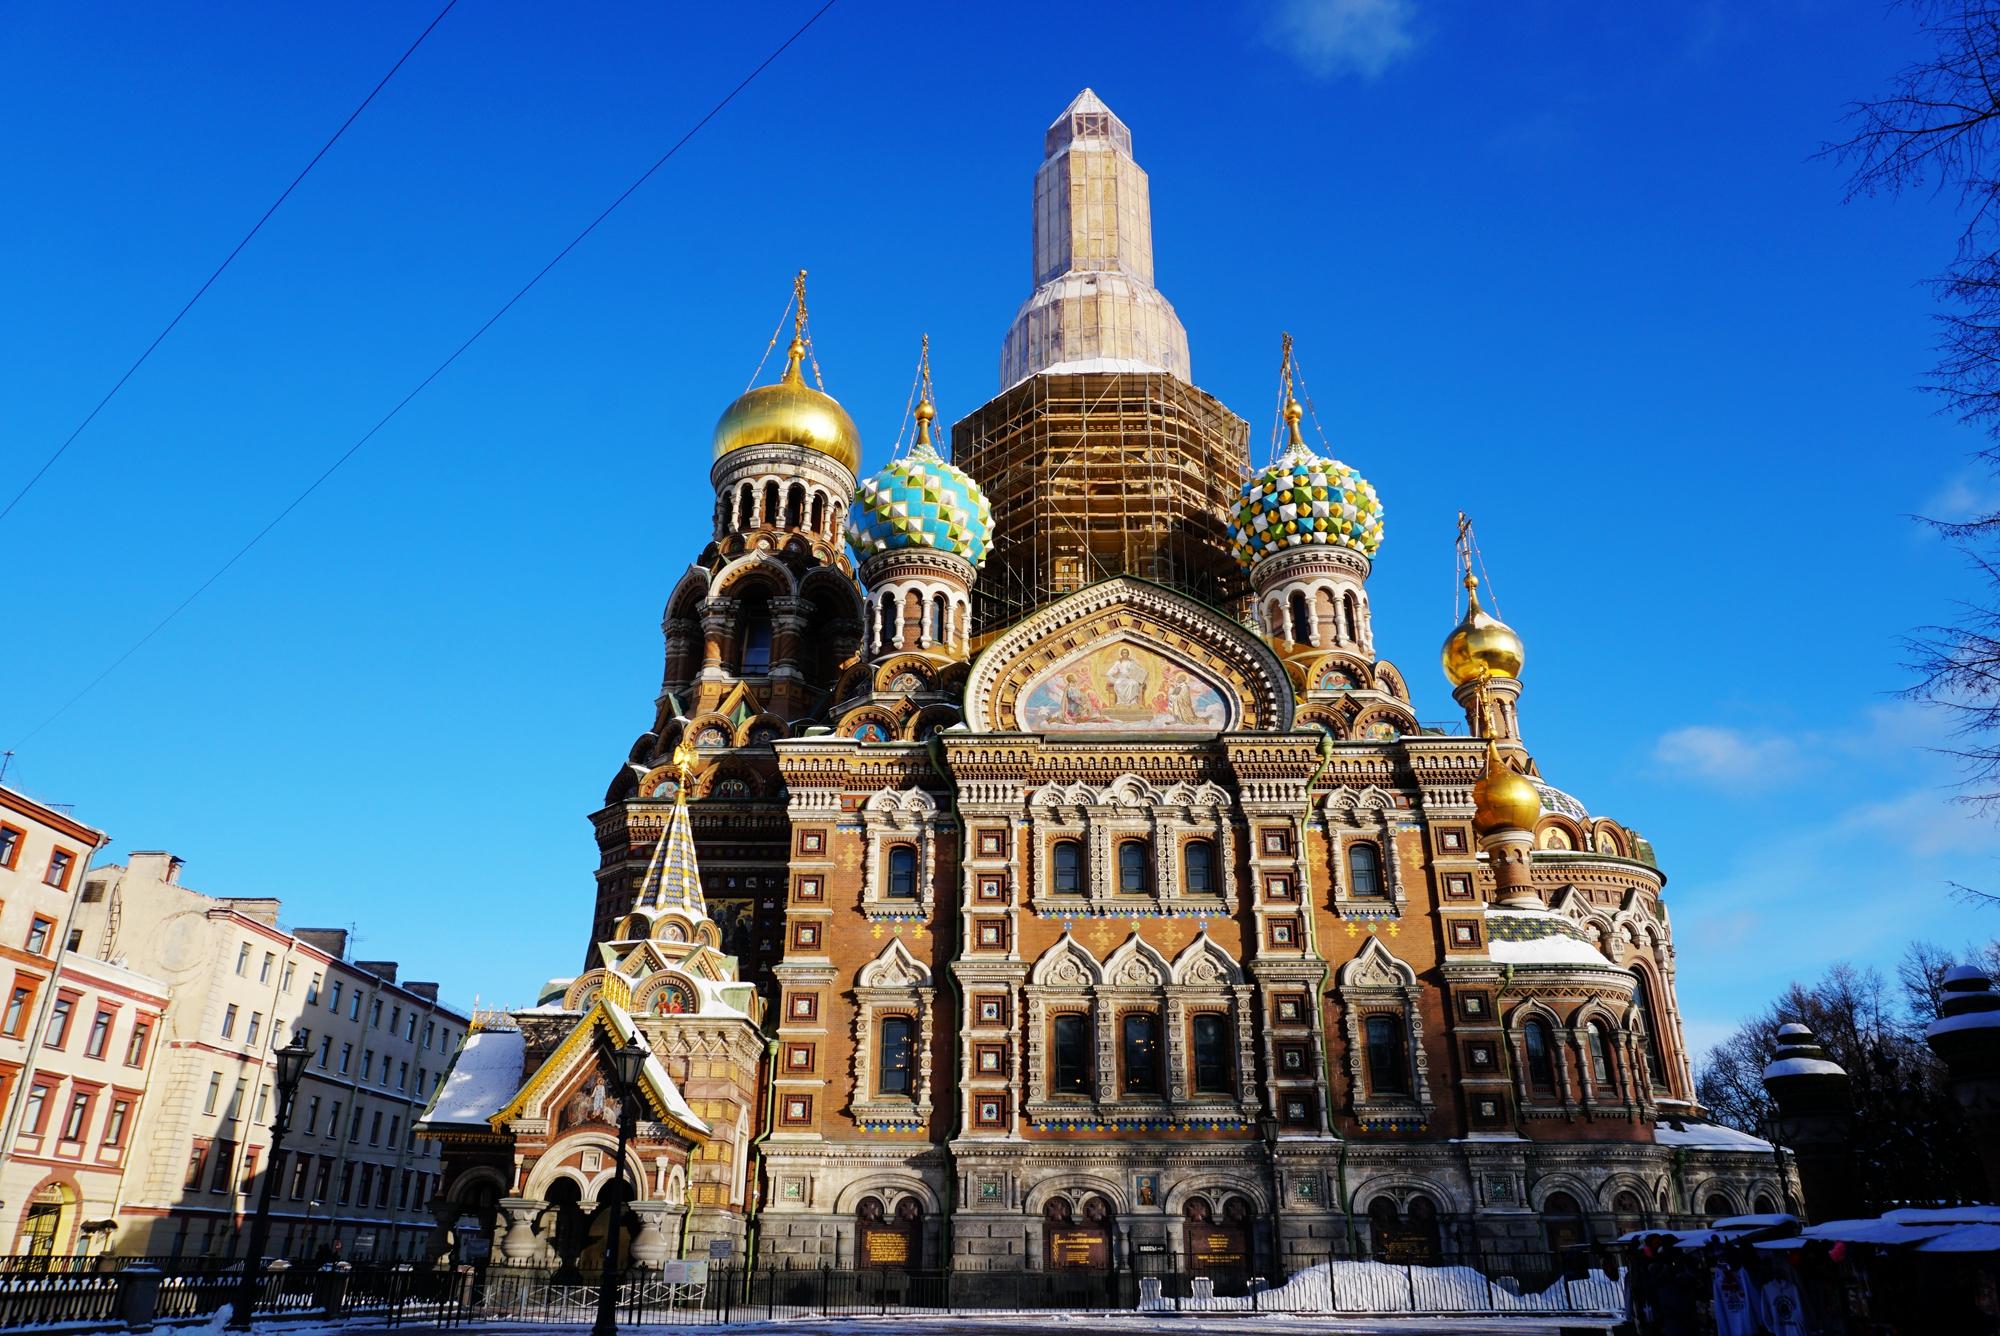 圣彼得堡滴血大教堂_在圣彼得堡被这座教堂美哭了_马赛